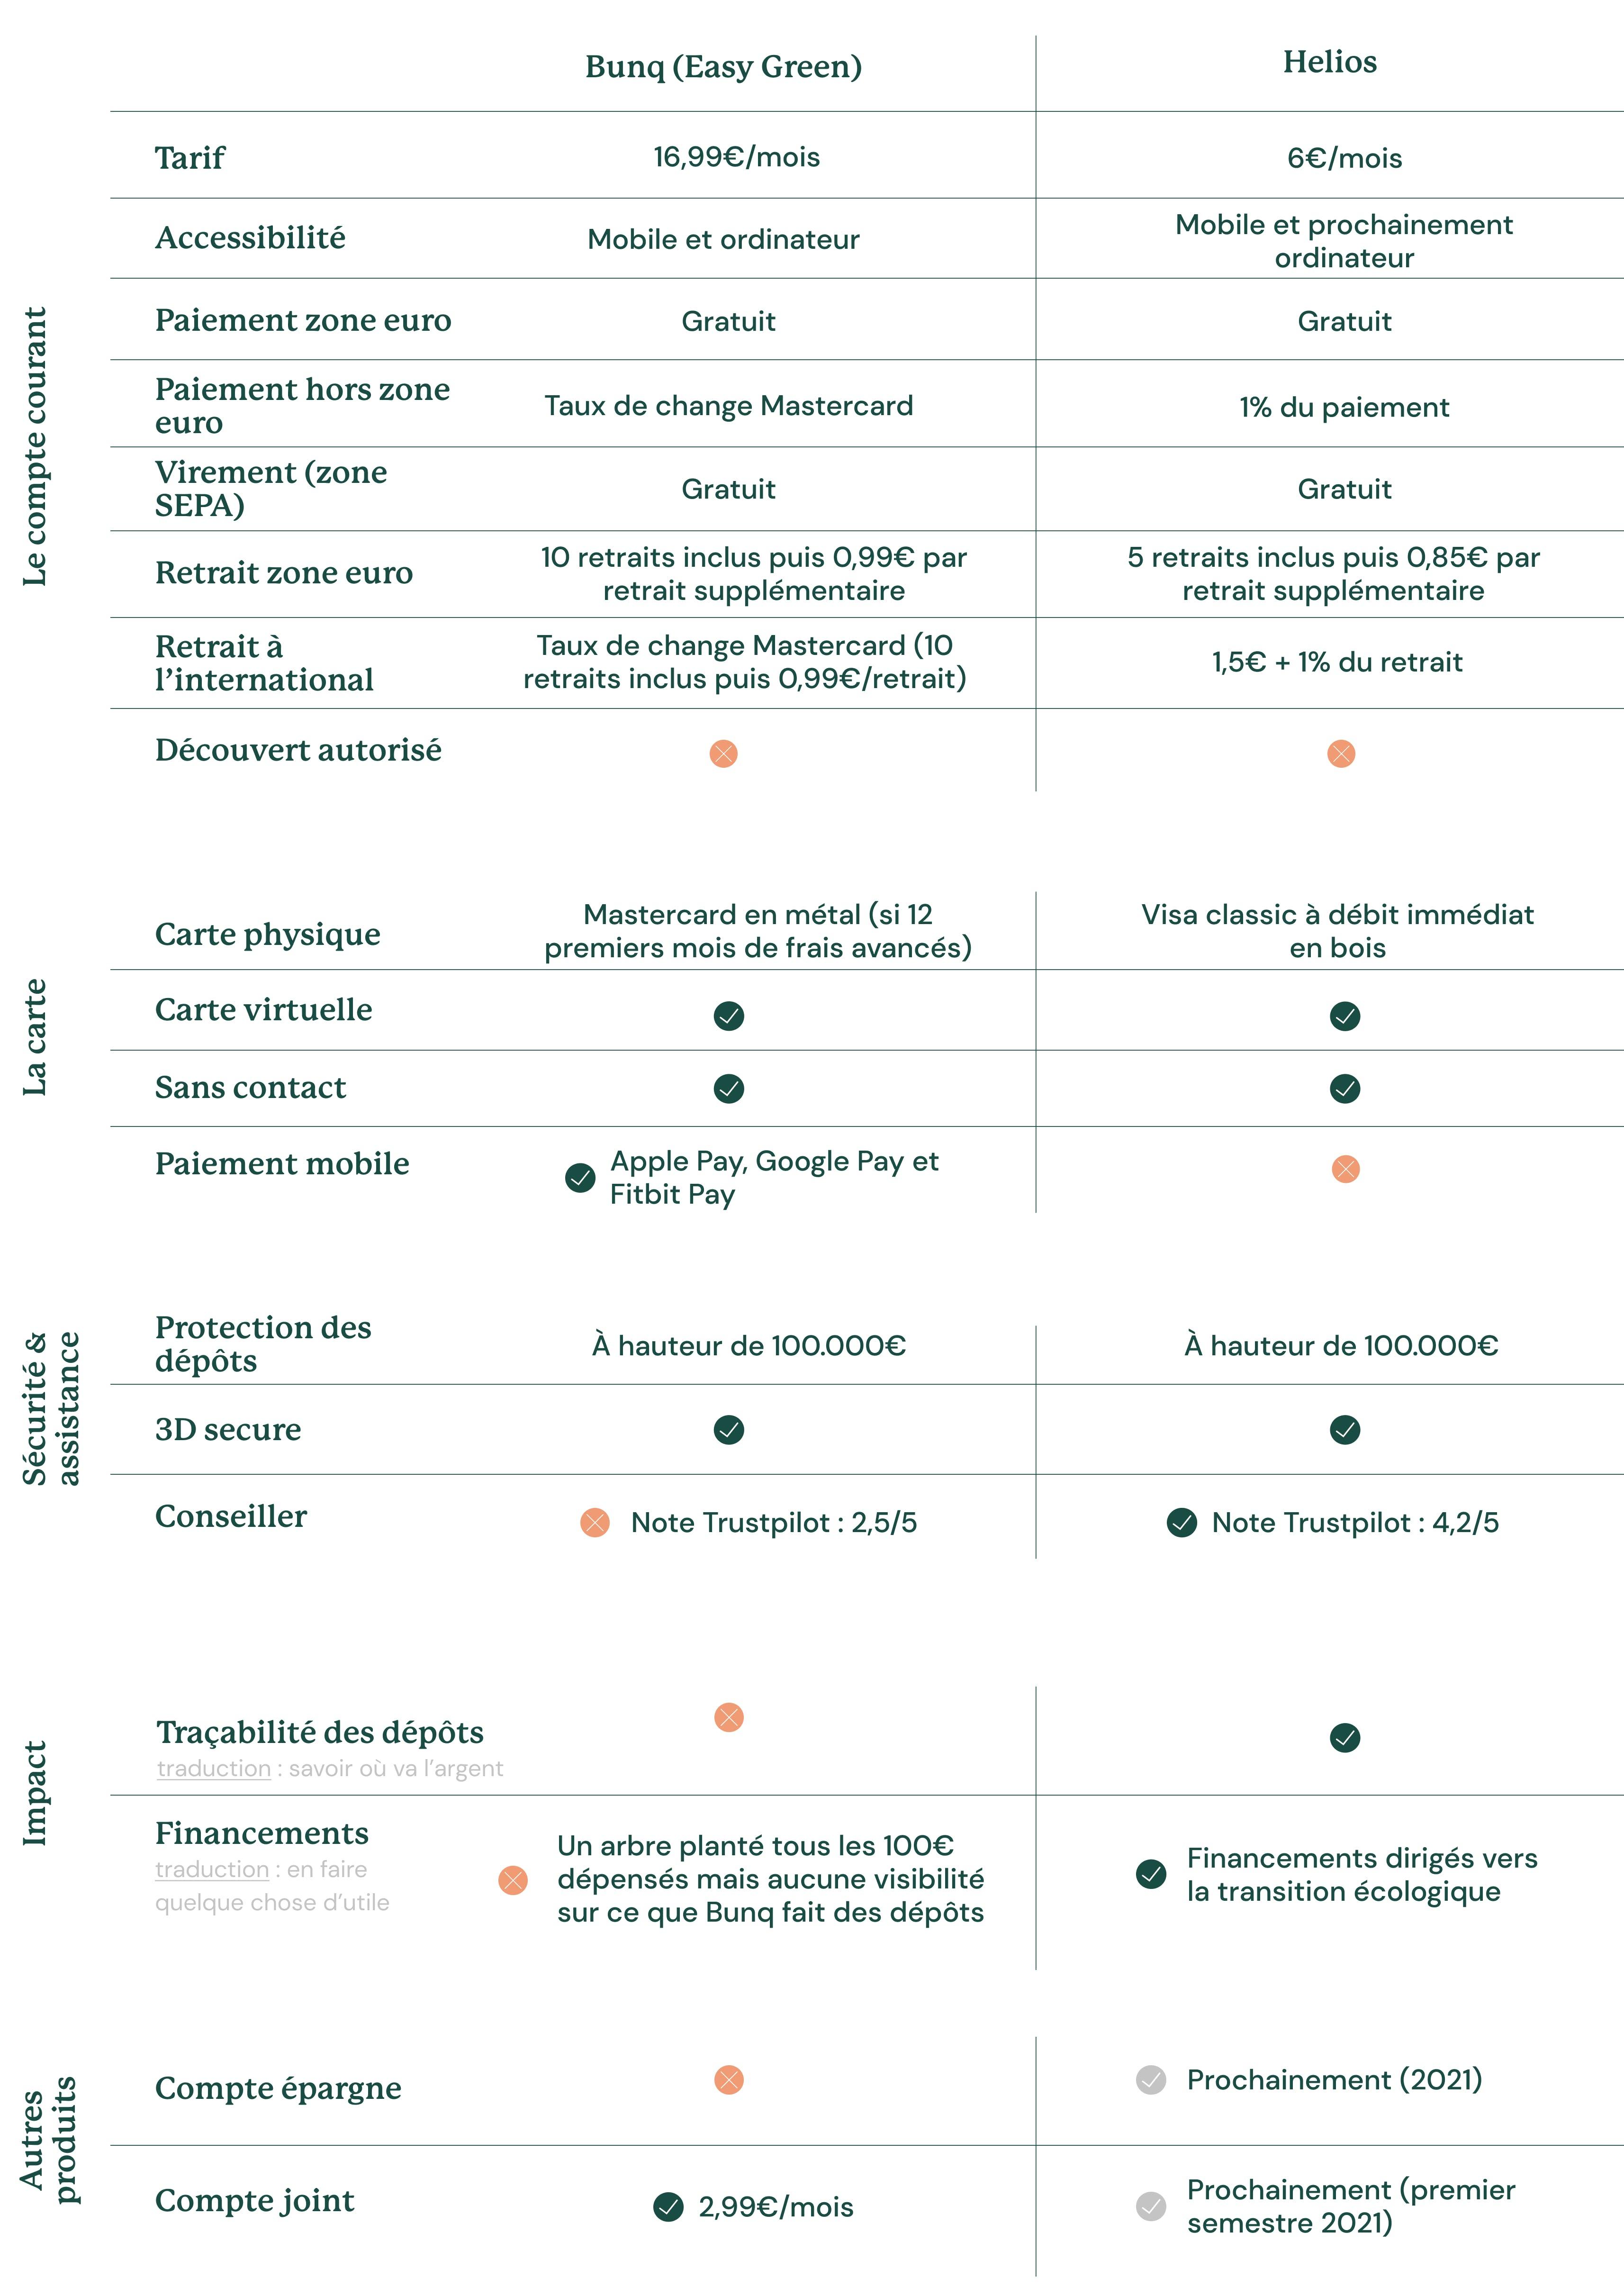 Helios vs. la néobanque Bunq (Easy Green) au 3 mai 2021